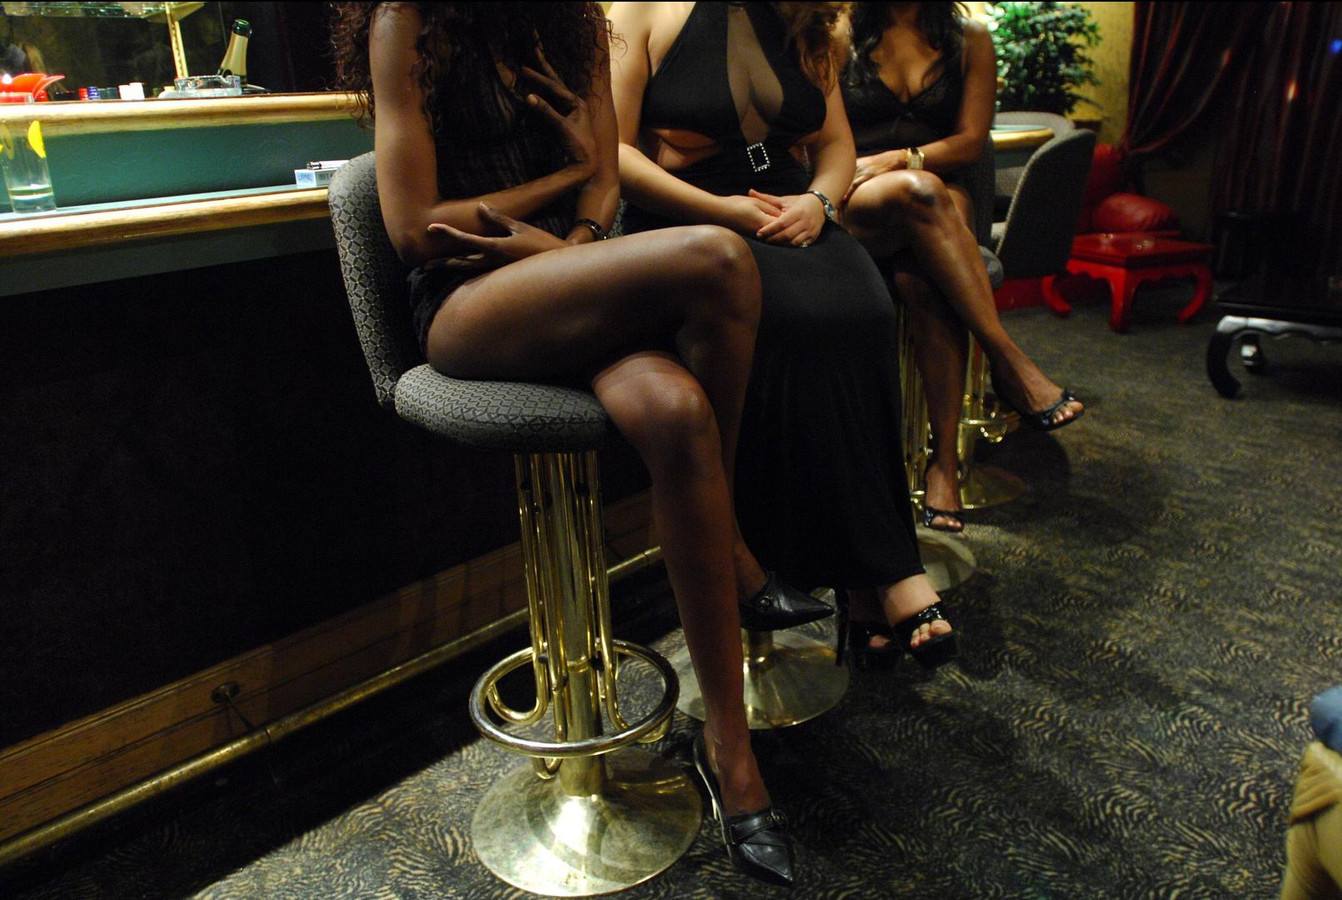 De meisjes werden in ons land in de prostitutie tewerkgesteld. (illustratiebeeld)